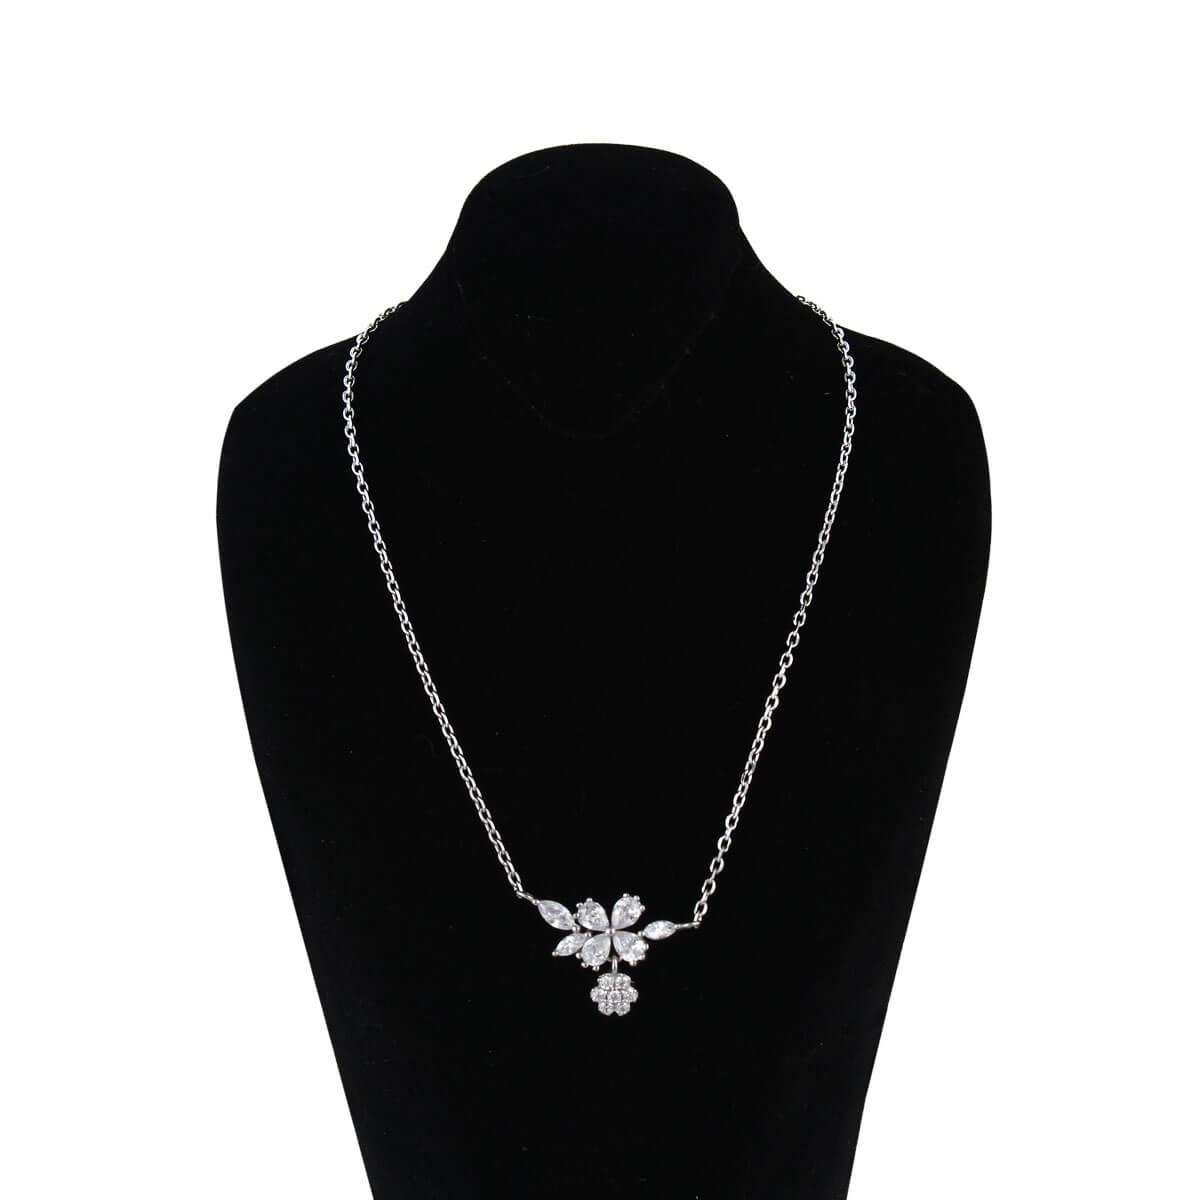 قیمت و خرید گردنبند نقره زنانه نگین دار مدل یامور